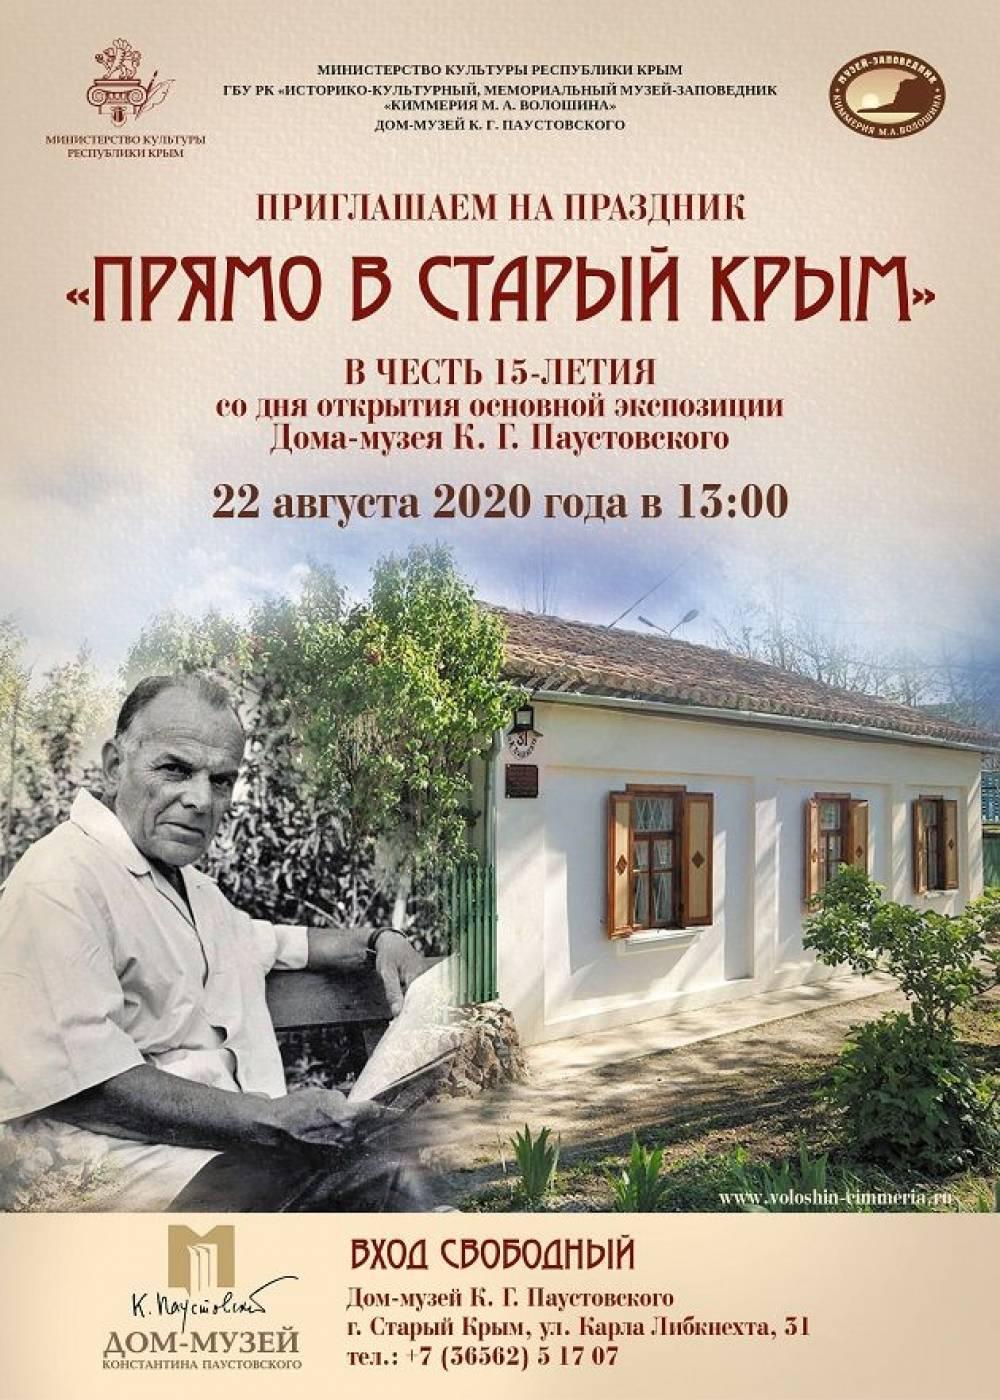 Дом-музей К. Г. Паустовского приглашает на праздник «Прямо в Старый Крым», посвящённый 15-летию со дня открытия музея.